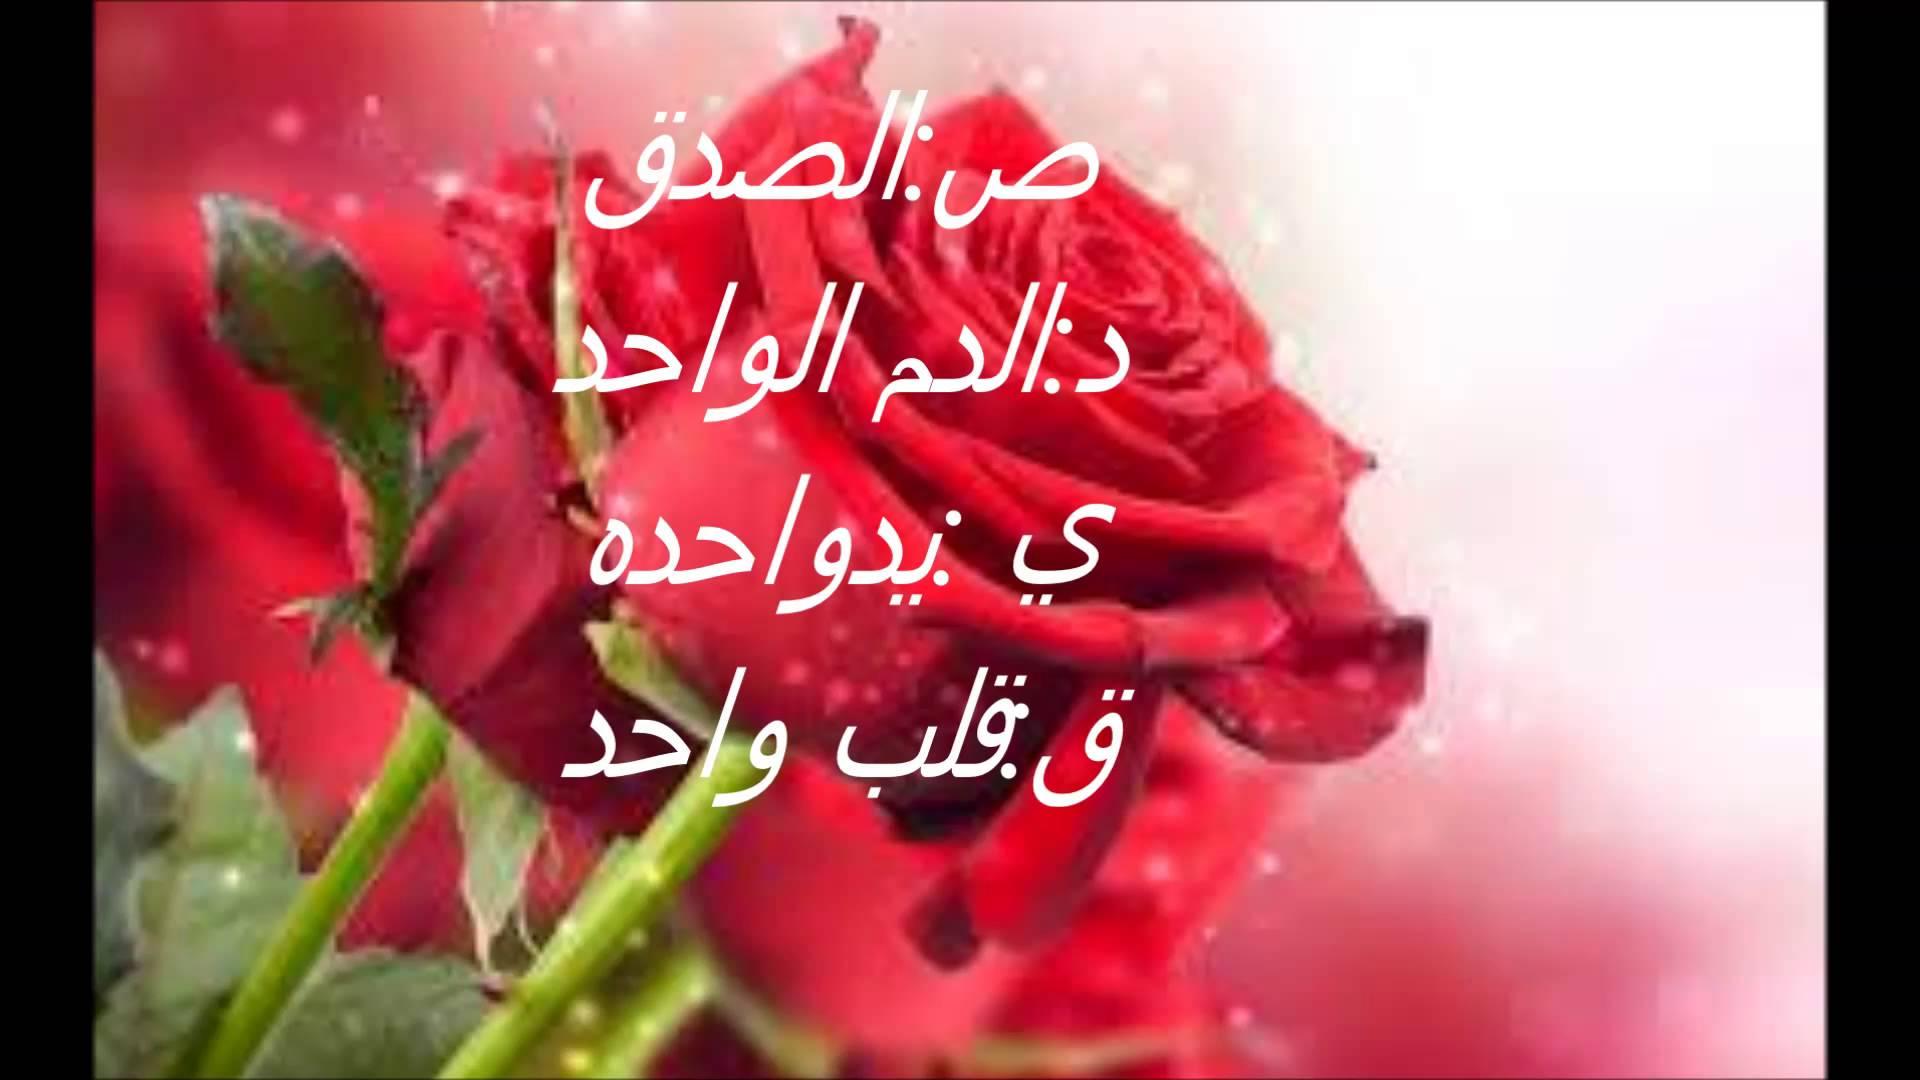 بالصور كلمات عن الورد , عبارات تفوح بالعطور 6561 2